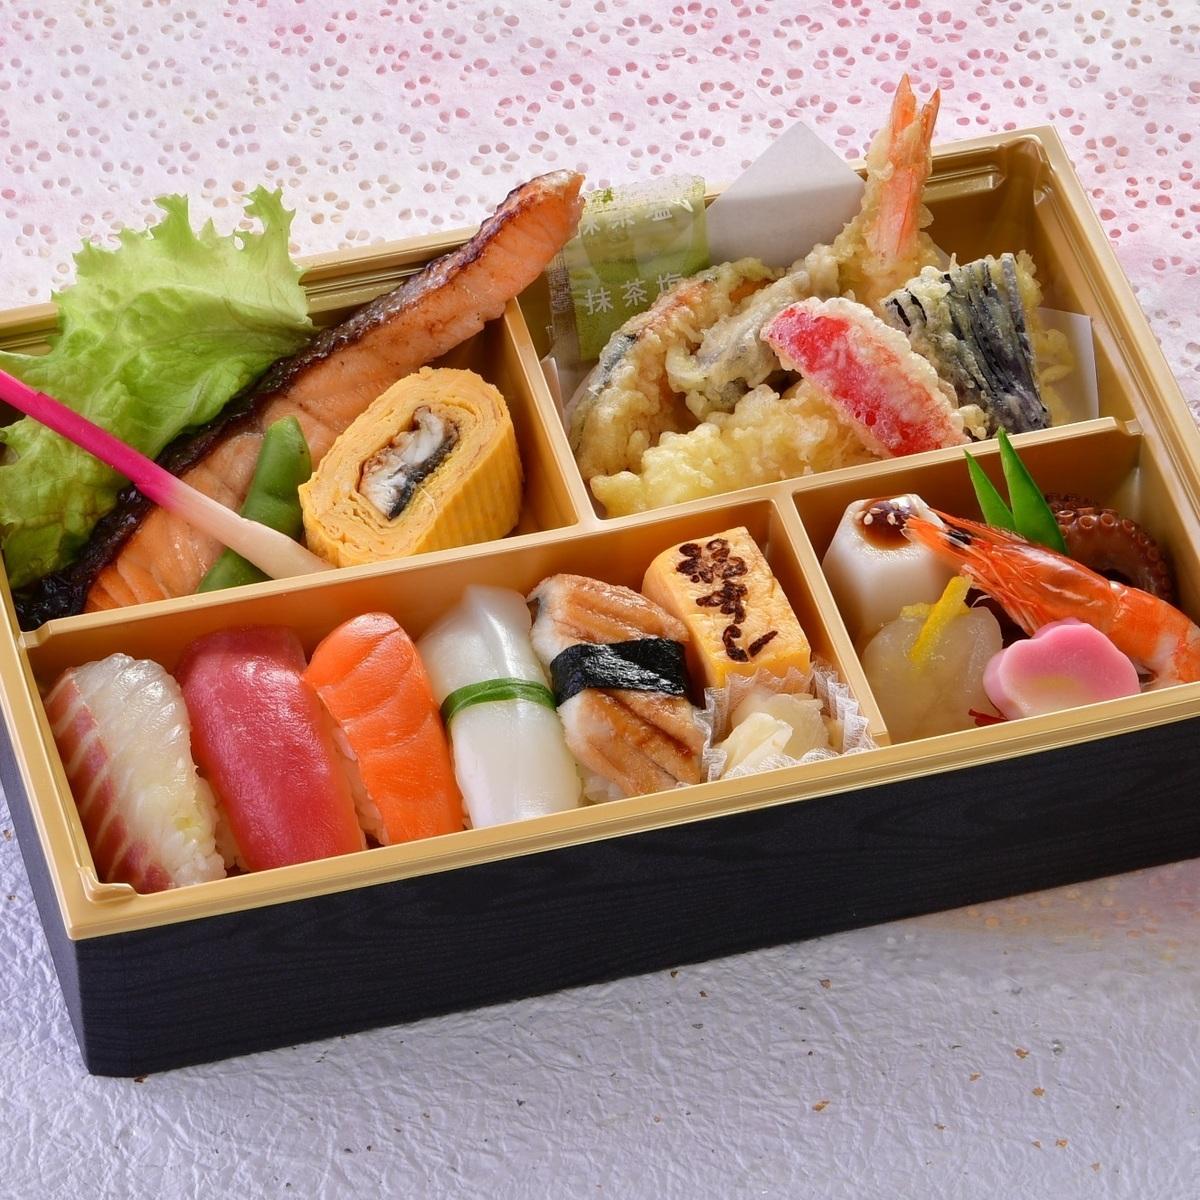 特别挑选惠比寿3,000日元